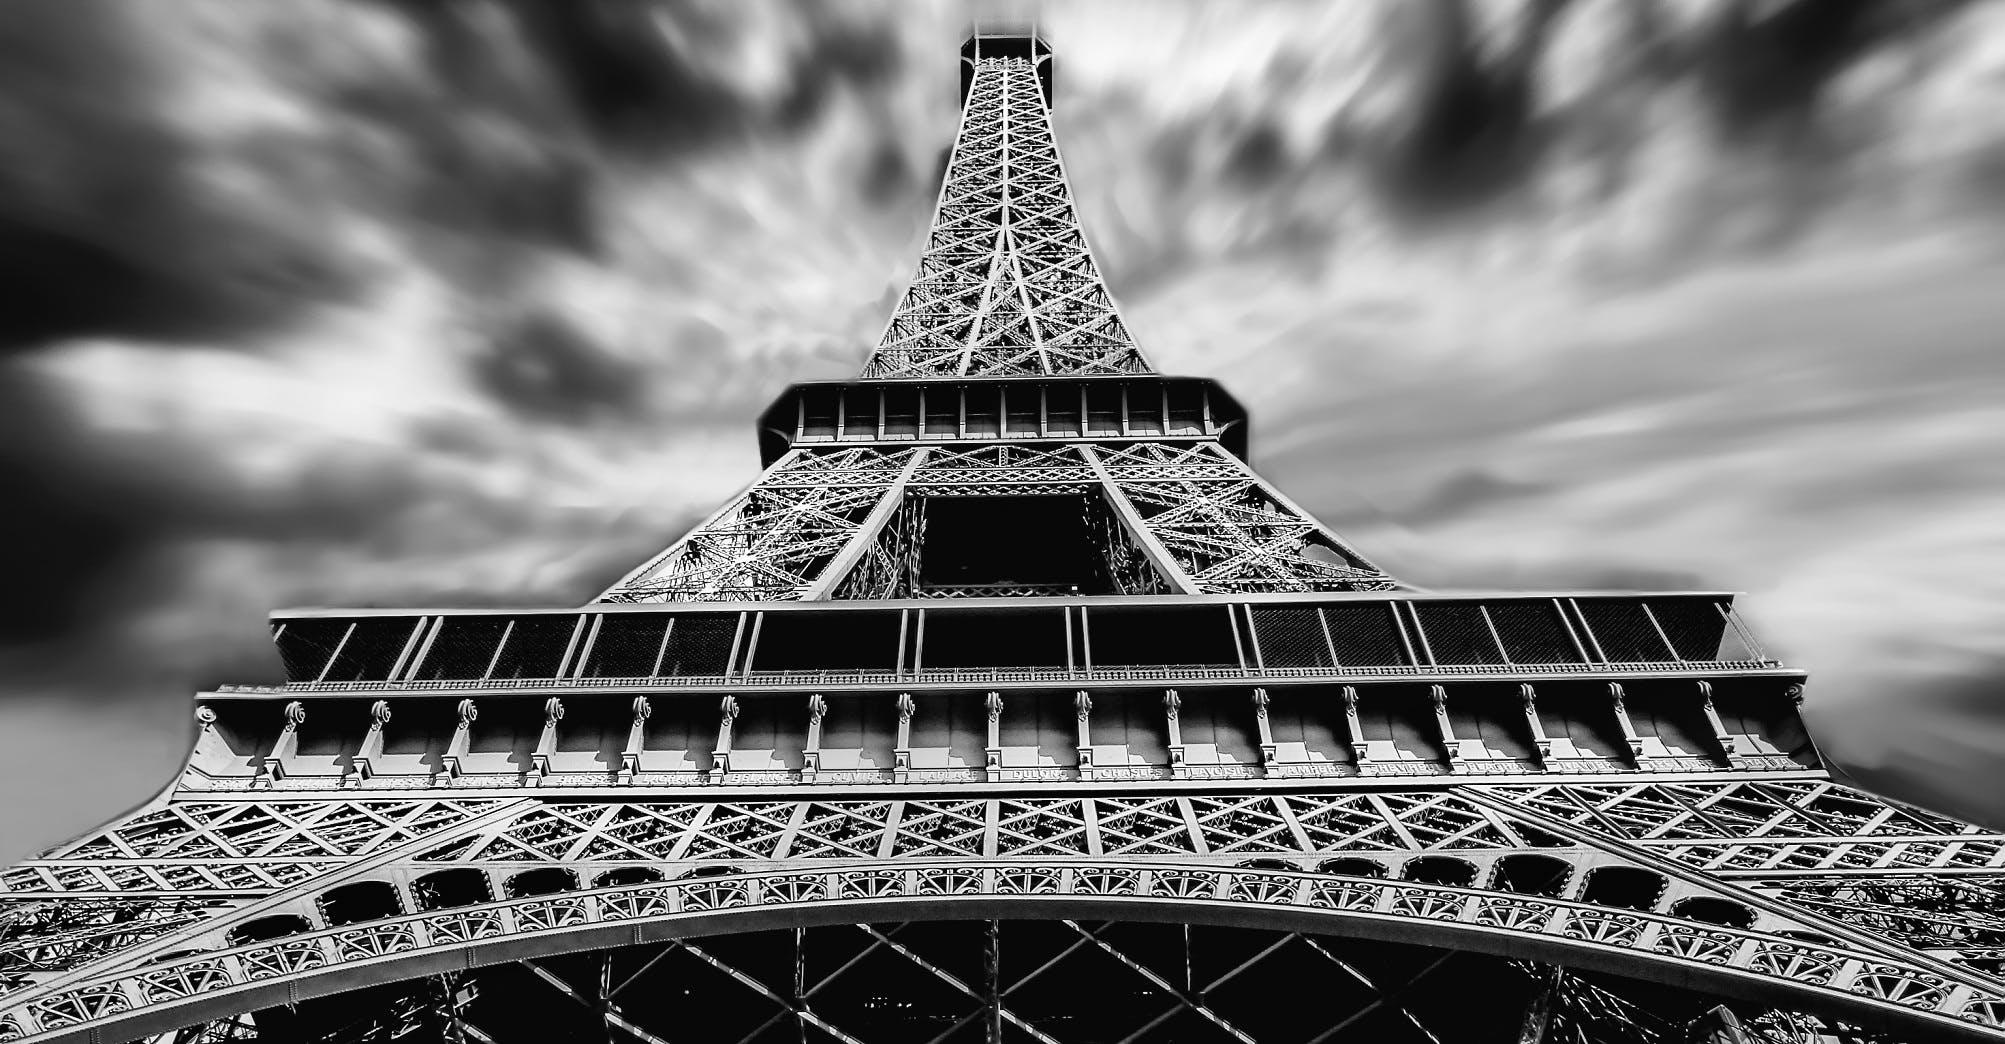 Kostenloses Stock Foto zu architektur, aufnahme von unten, eiffelturm, groß